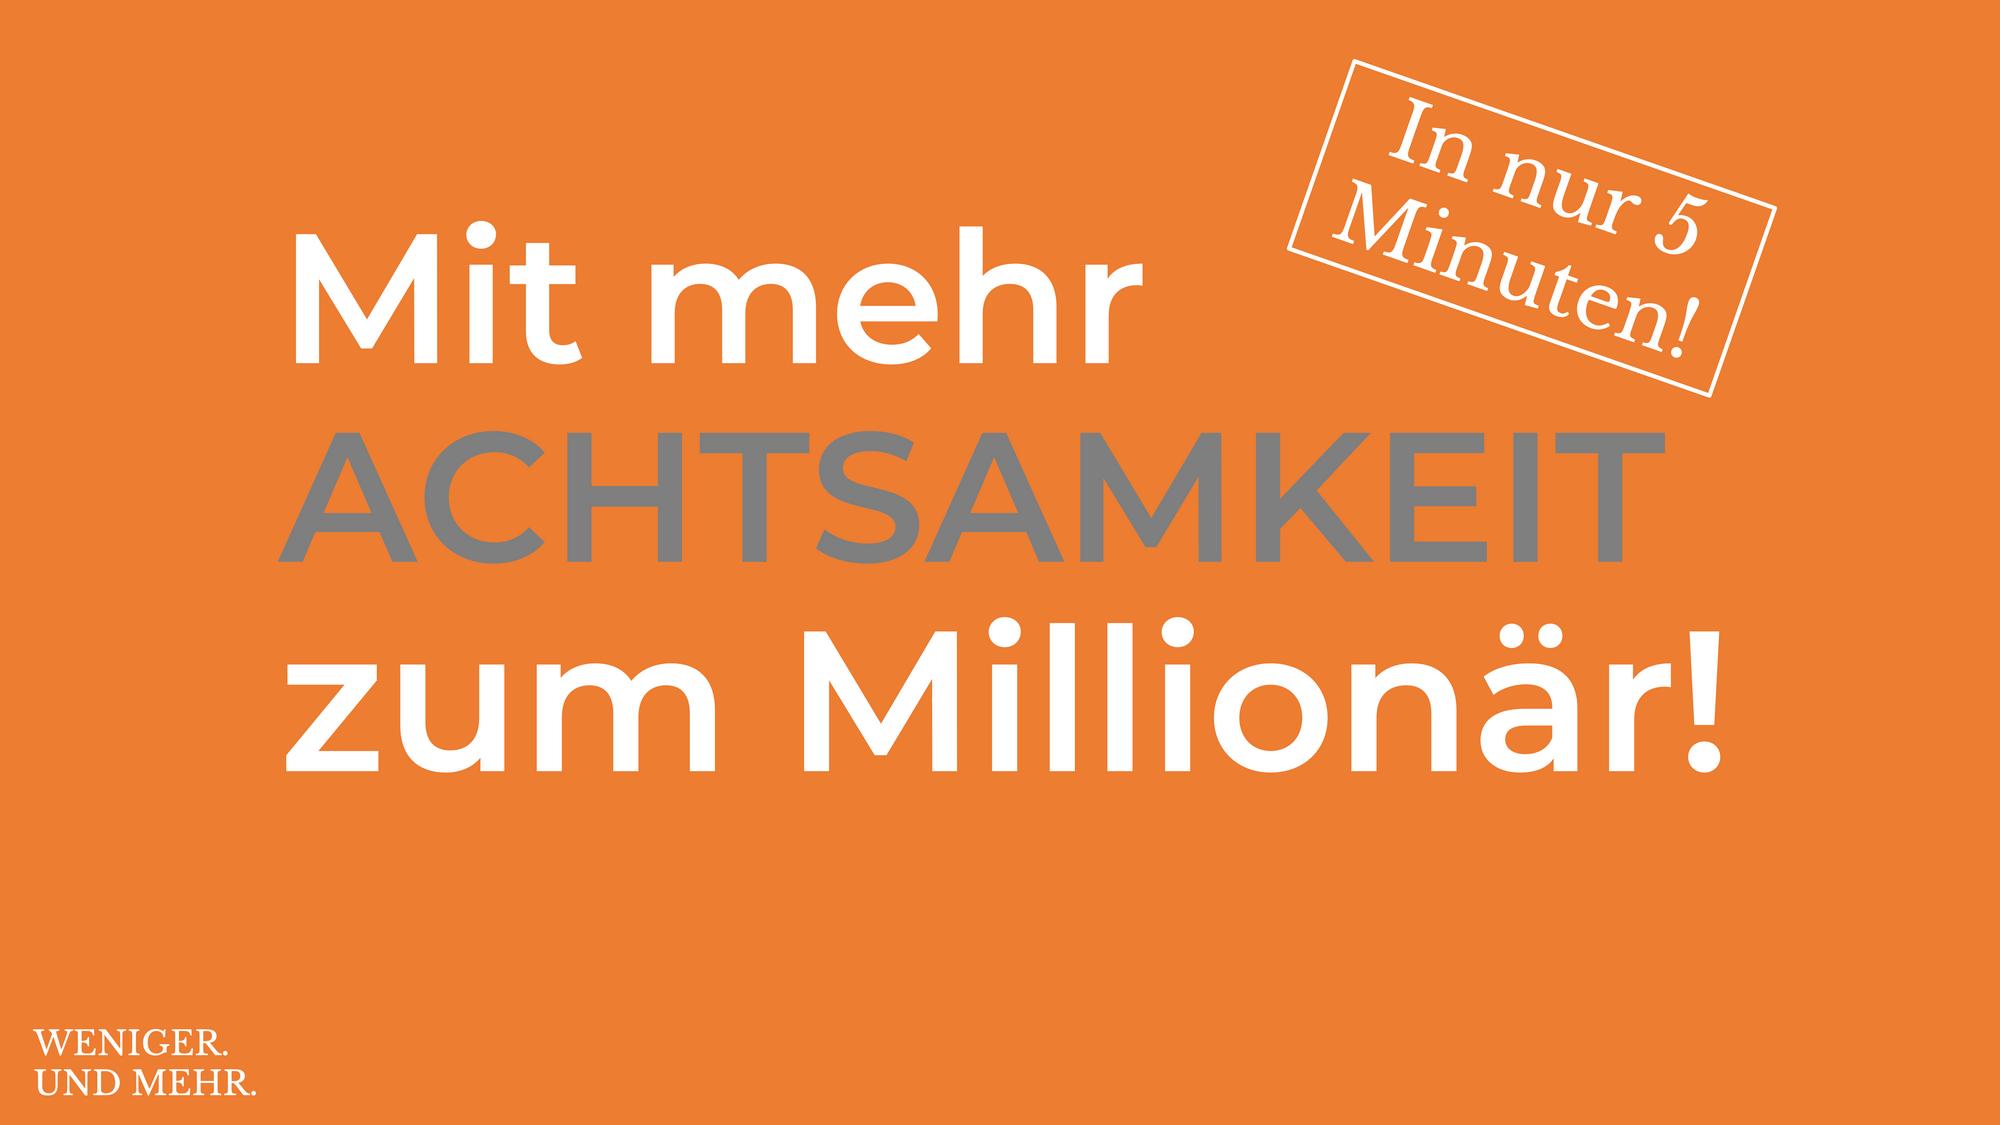 Mit Achtsamkeit zum Millionär!